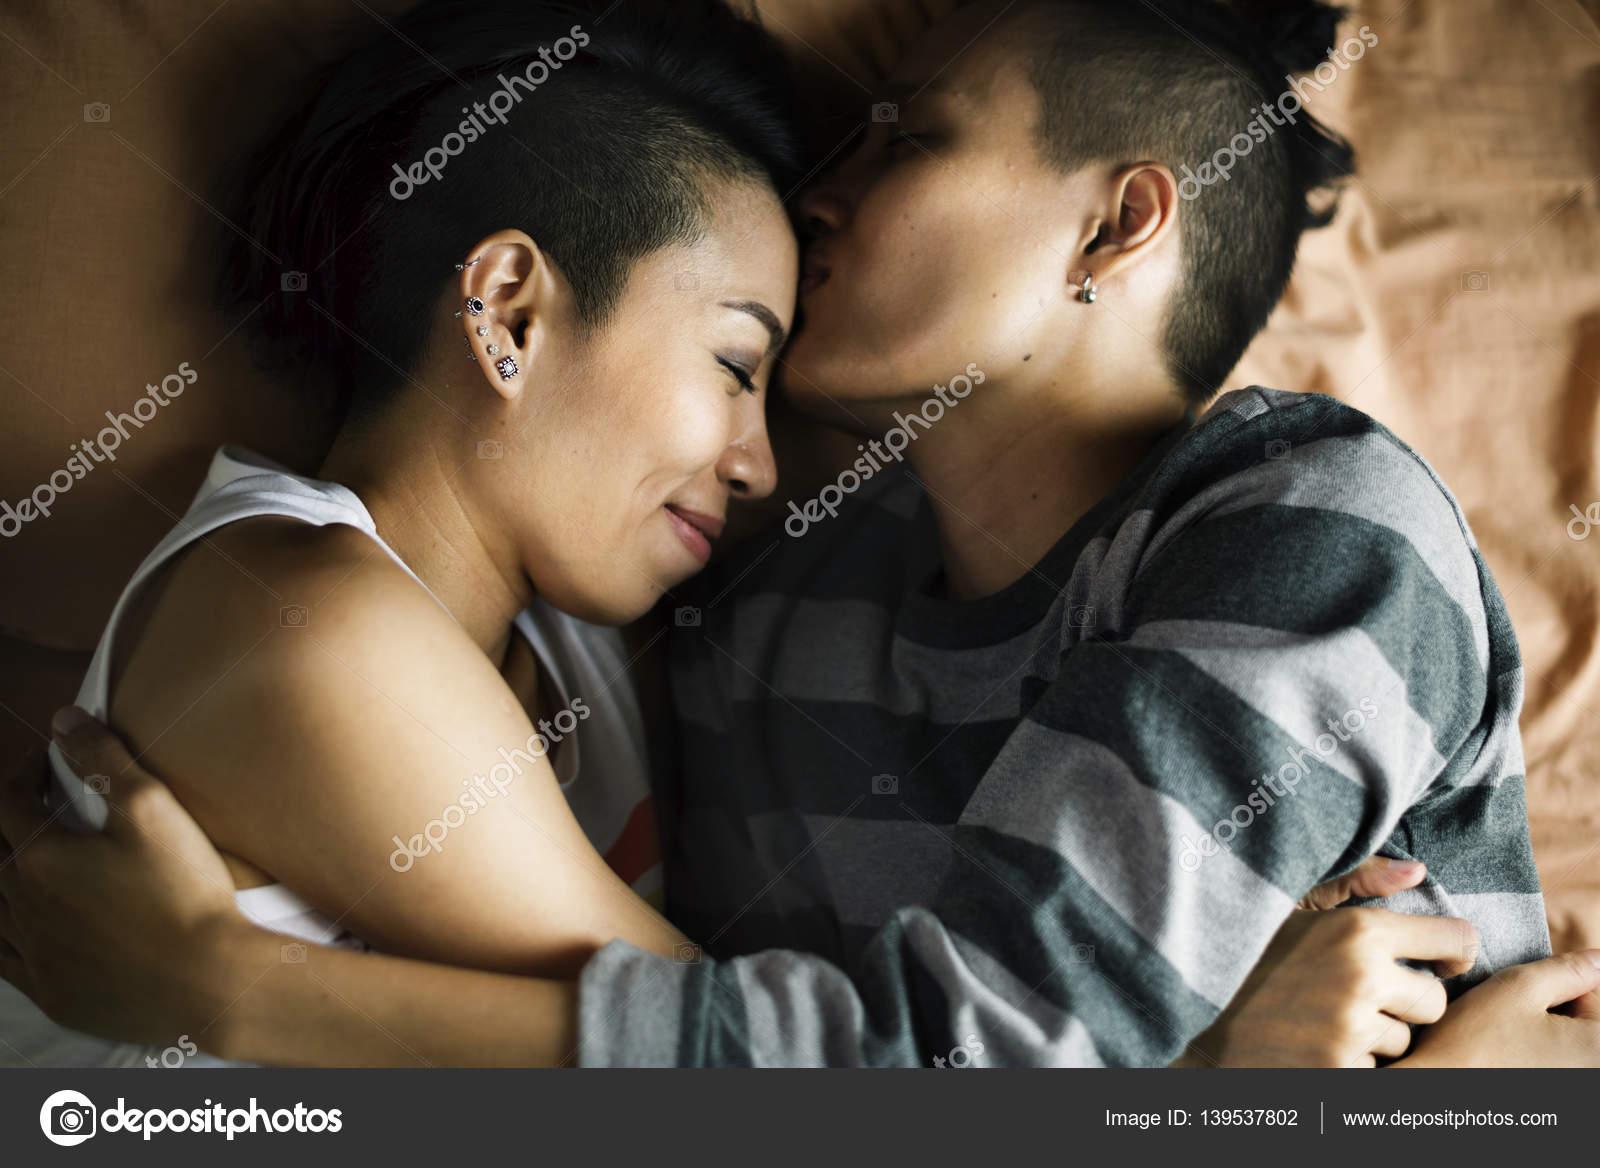 Comment donner un bon sexe oral à un homme